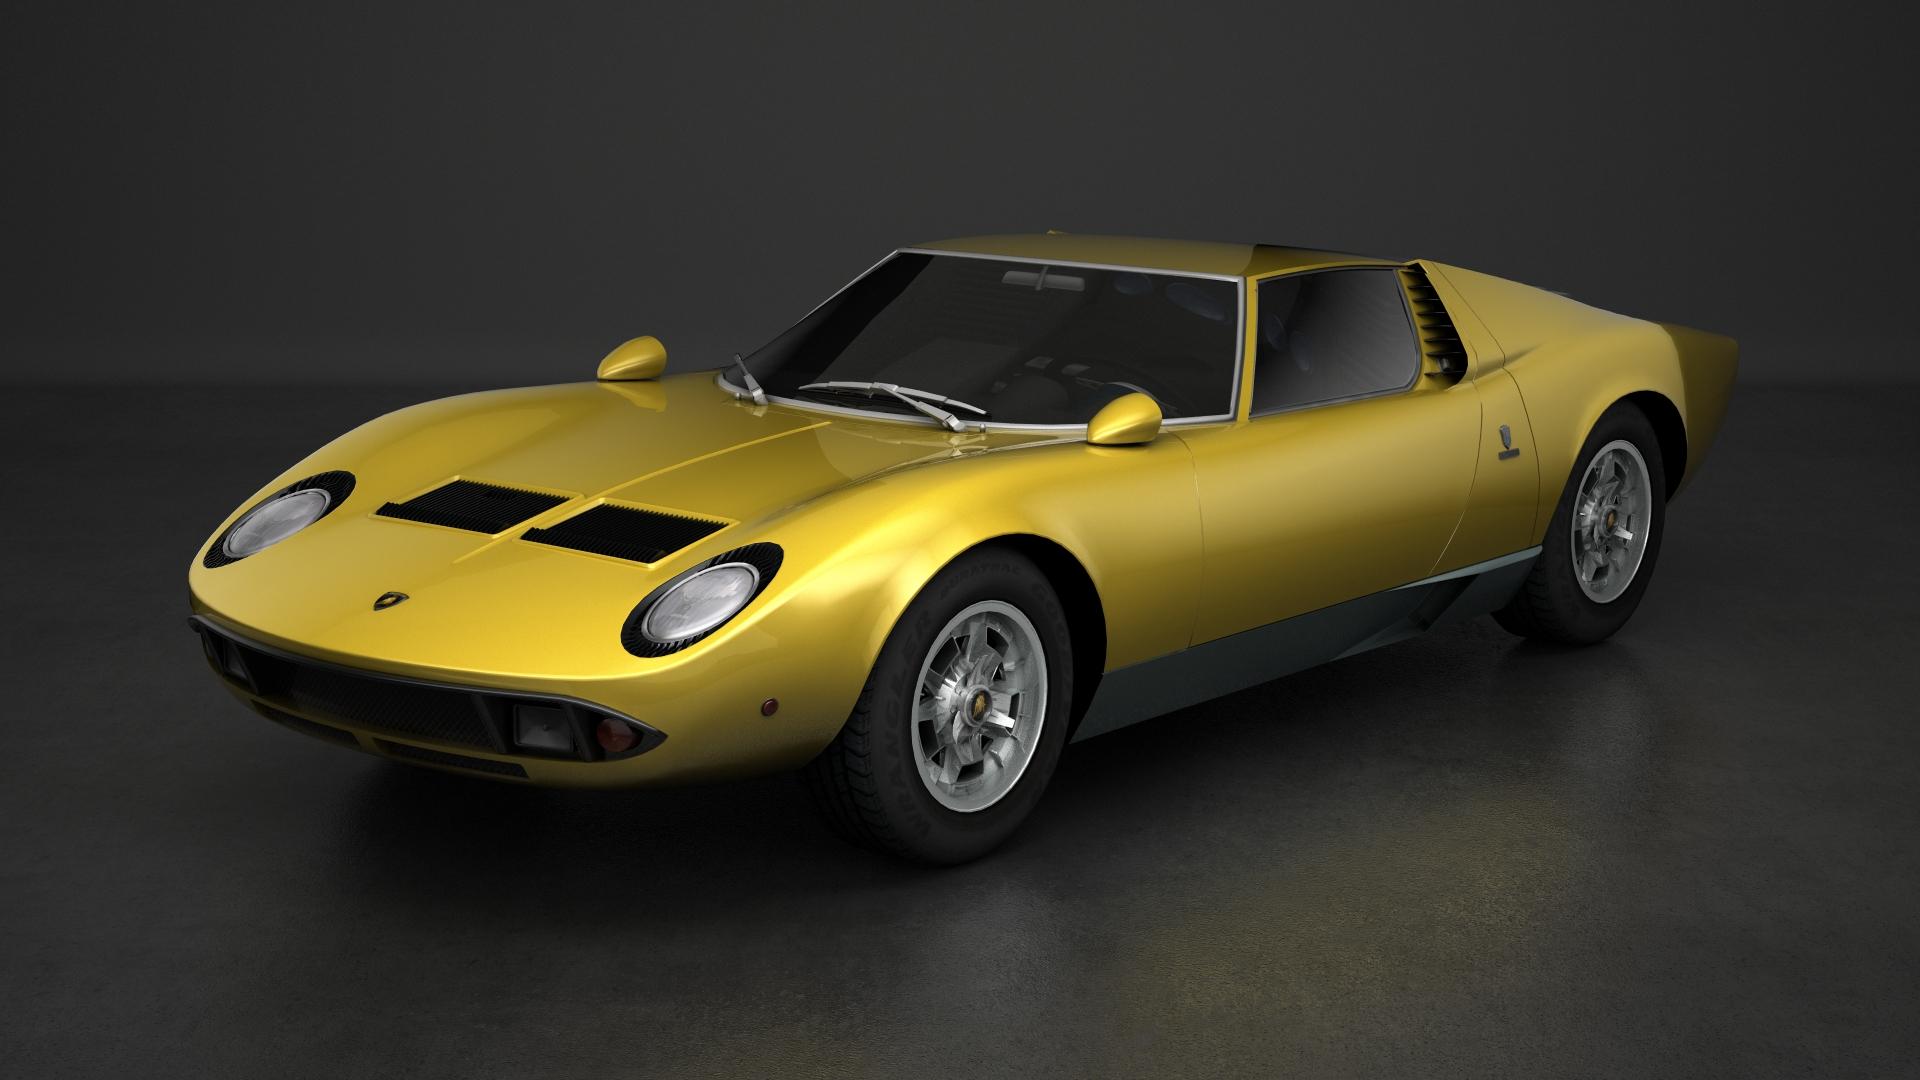 Mak Classic Cars Mod Lamborghini Miura Renders